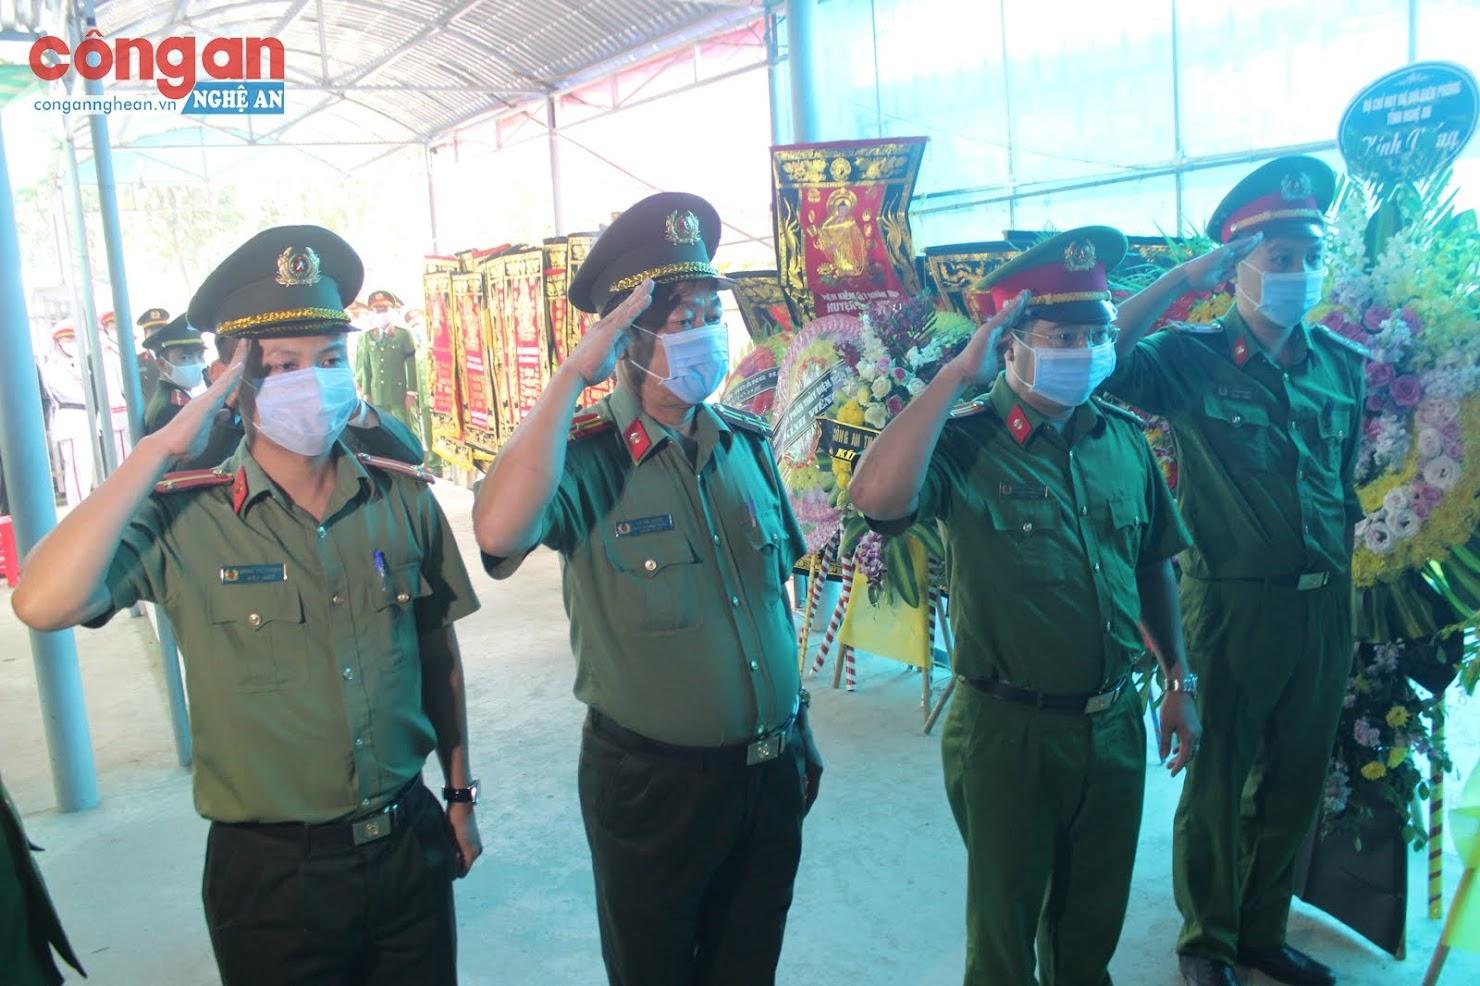 Đoàn Công an tỉnh Quảng Bình do đồng chí Thượng tá Lê Hải Đăng, Phó Trưởng phòng Tổ chức cán bộ làm Trưởng đoàn viếng Đại uý Sầm Quốc Nghĩa